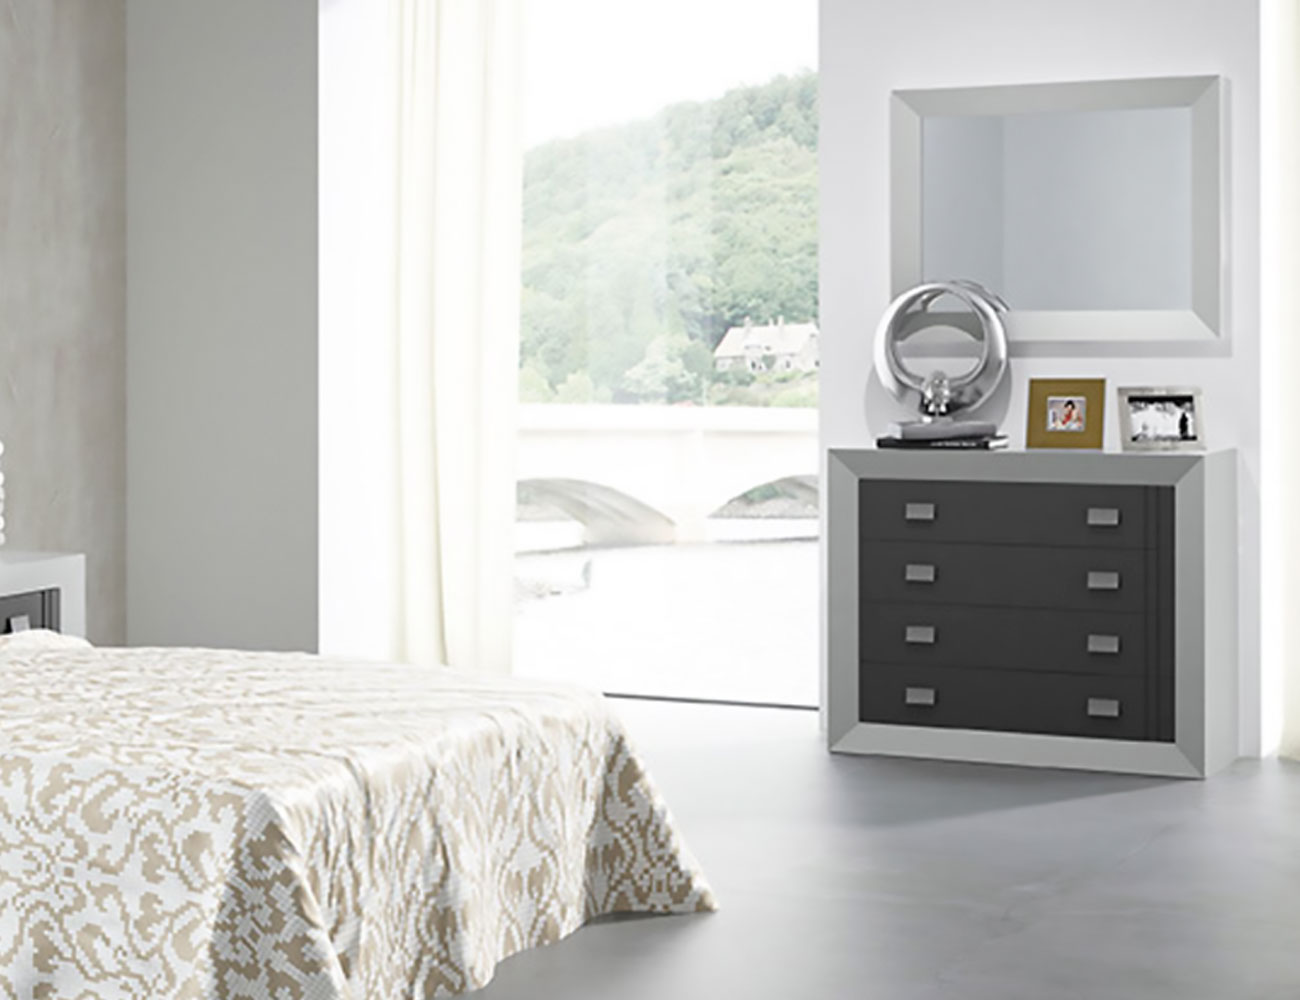 Muebles de dormitorio de matrimonio color blanco con grafito factory del mueble utrera - Muebles utrera ...